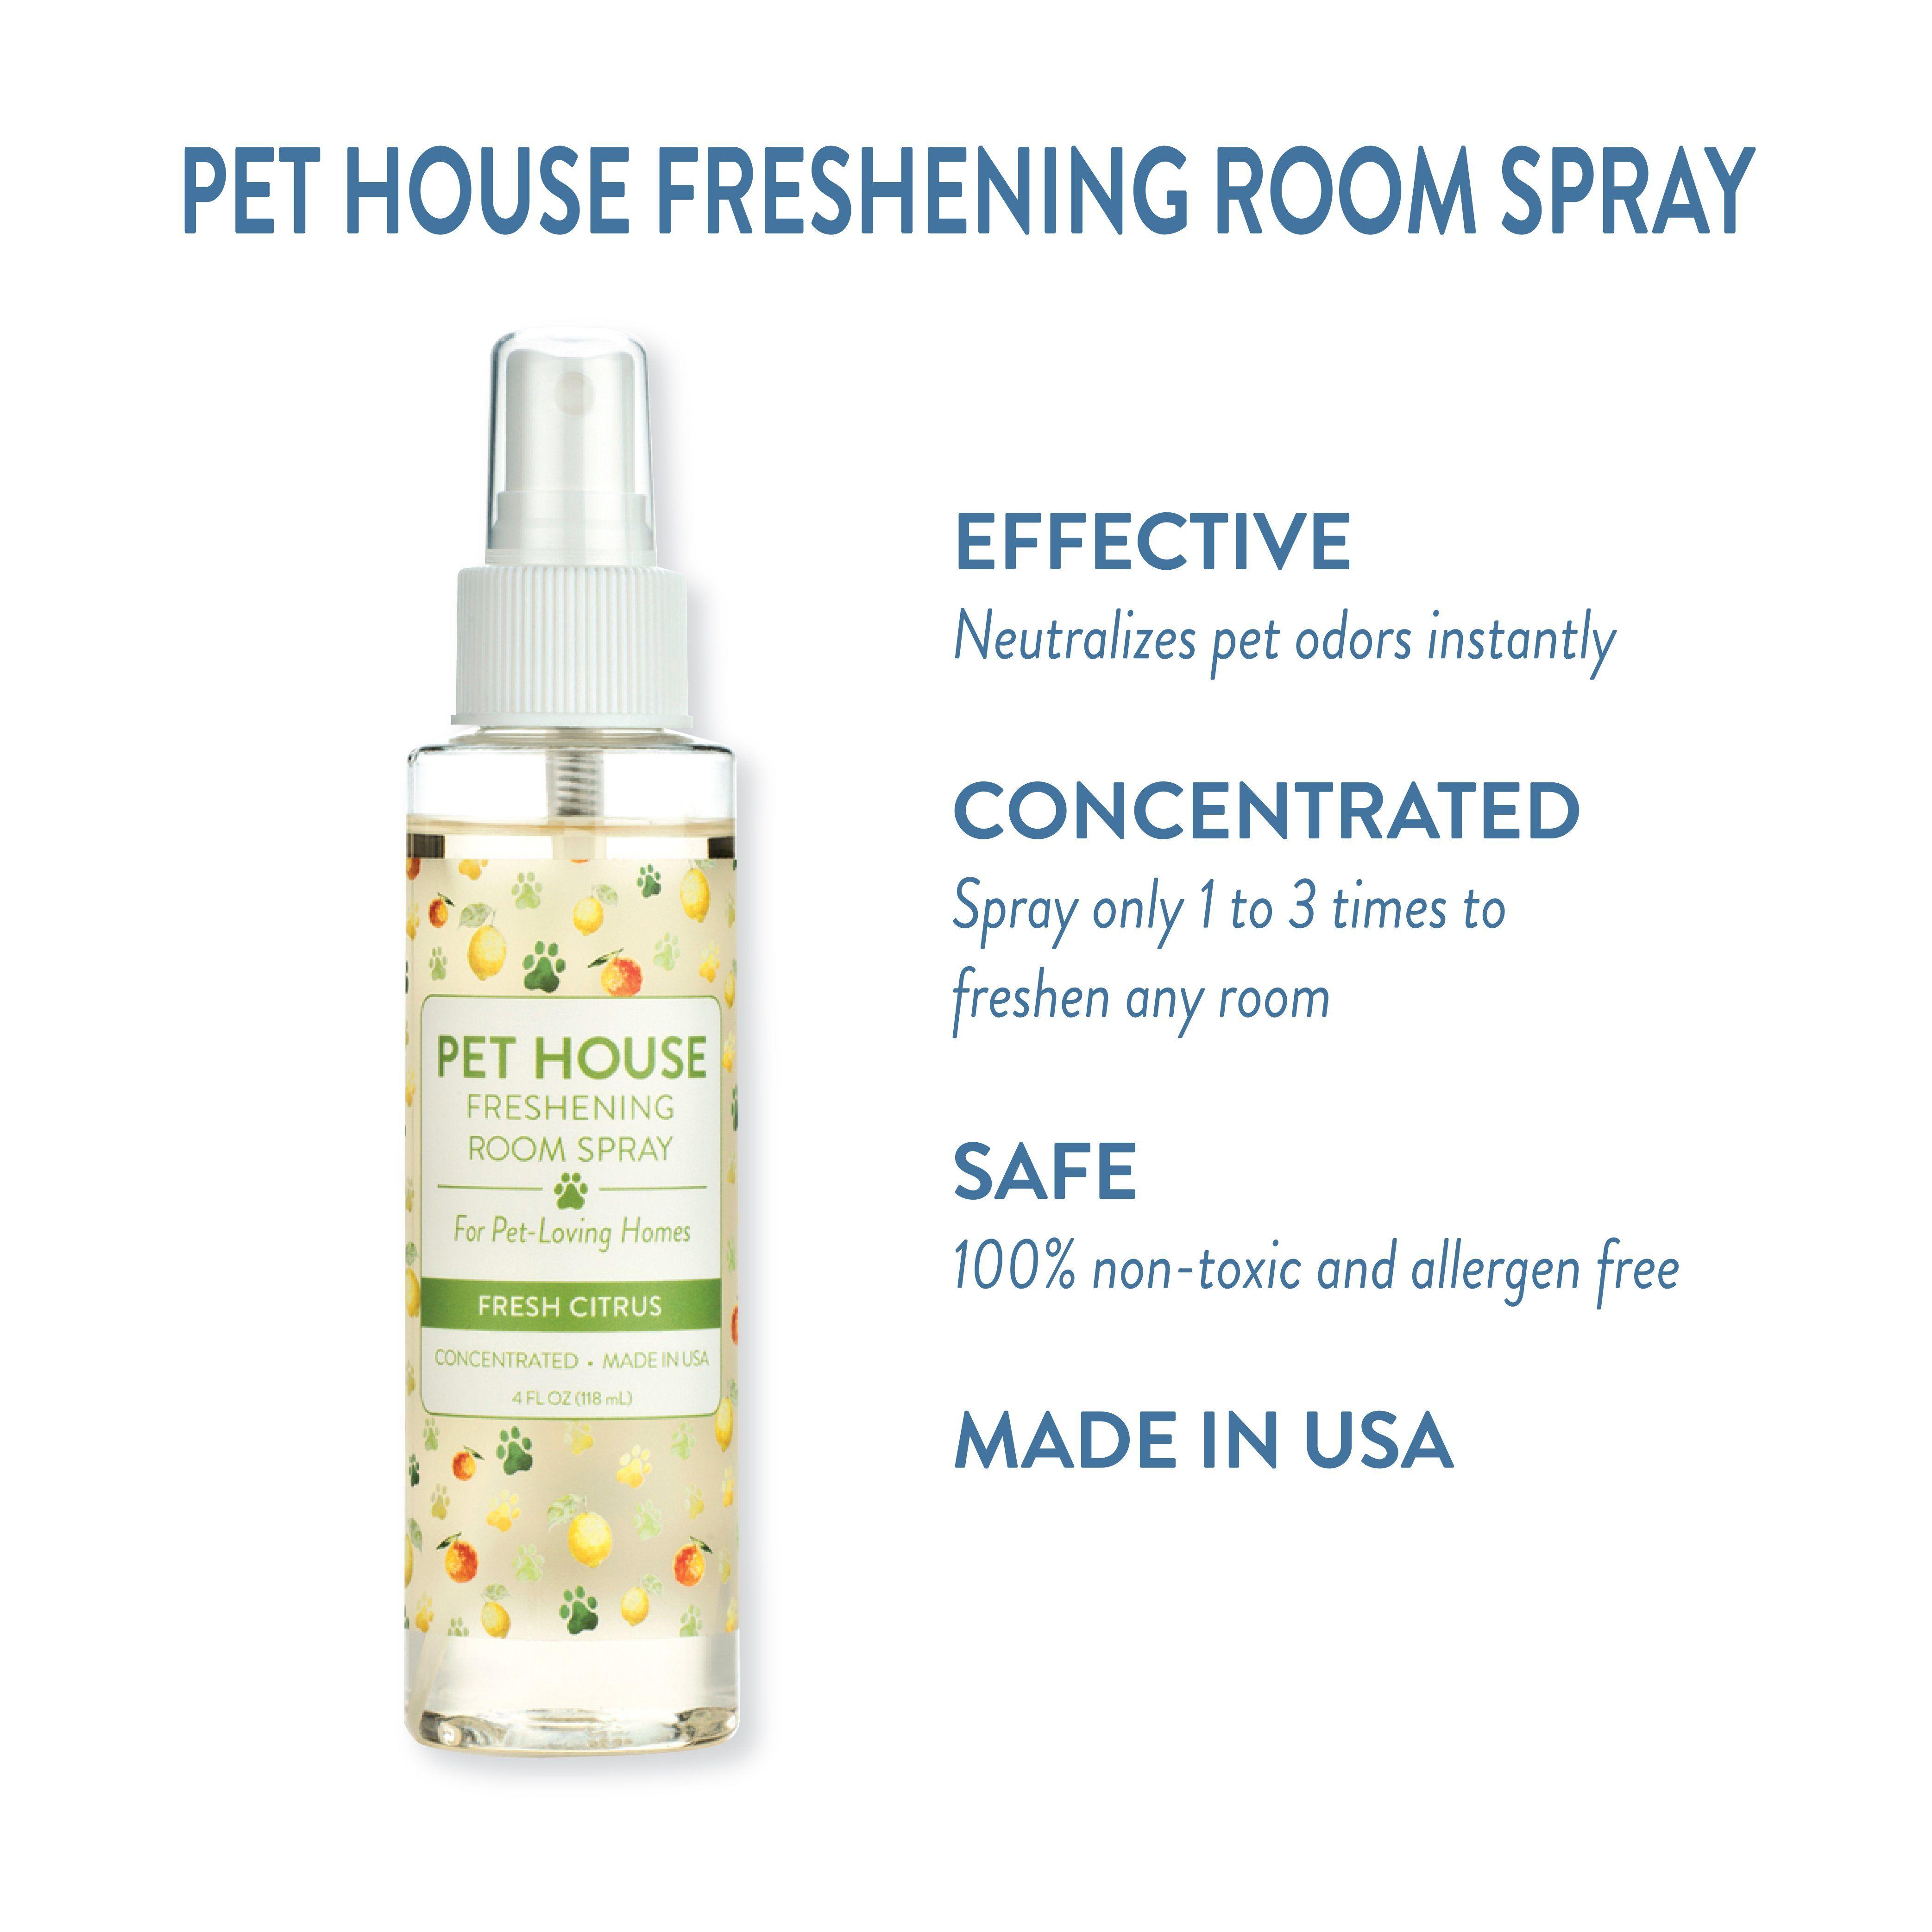 Pet House Fresh Citrus Room Freshening Spray Neutralizes Pet Odor